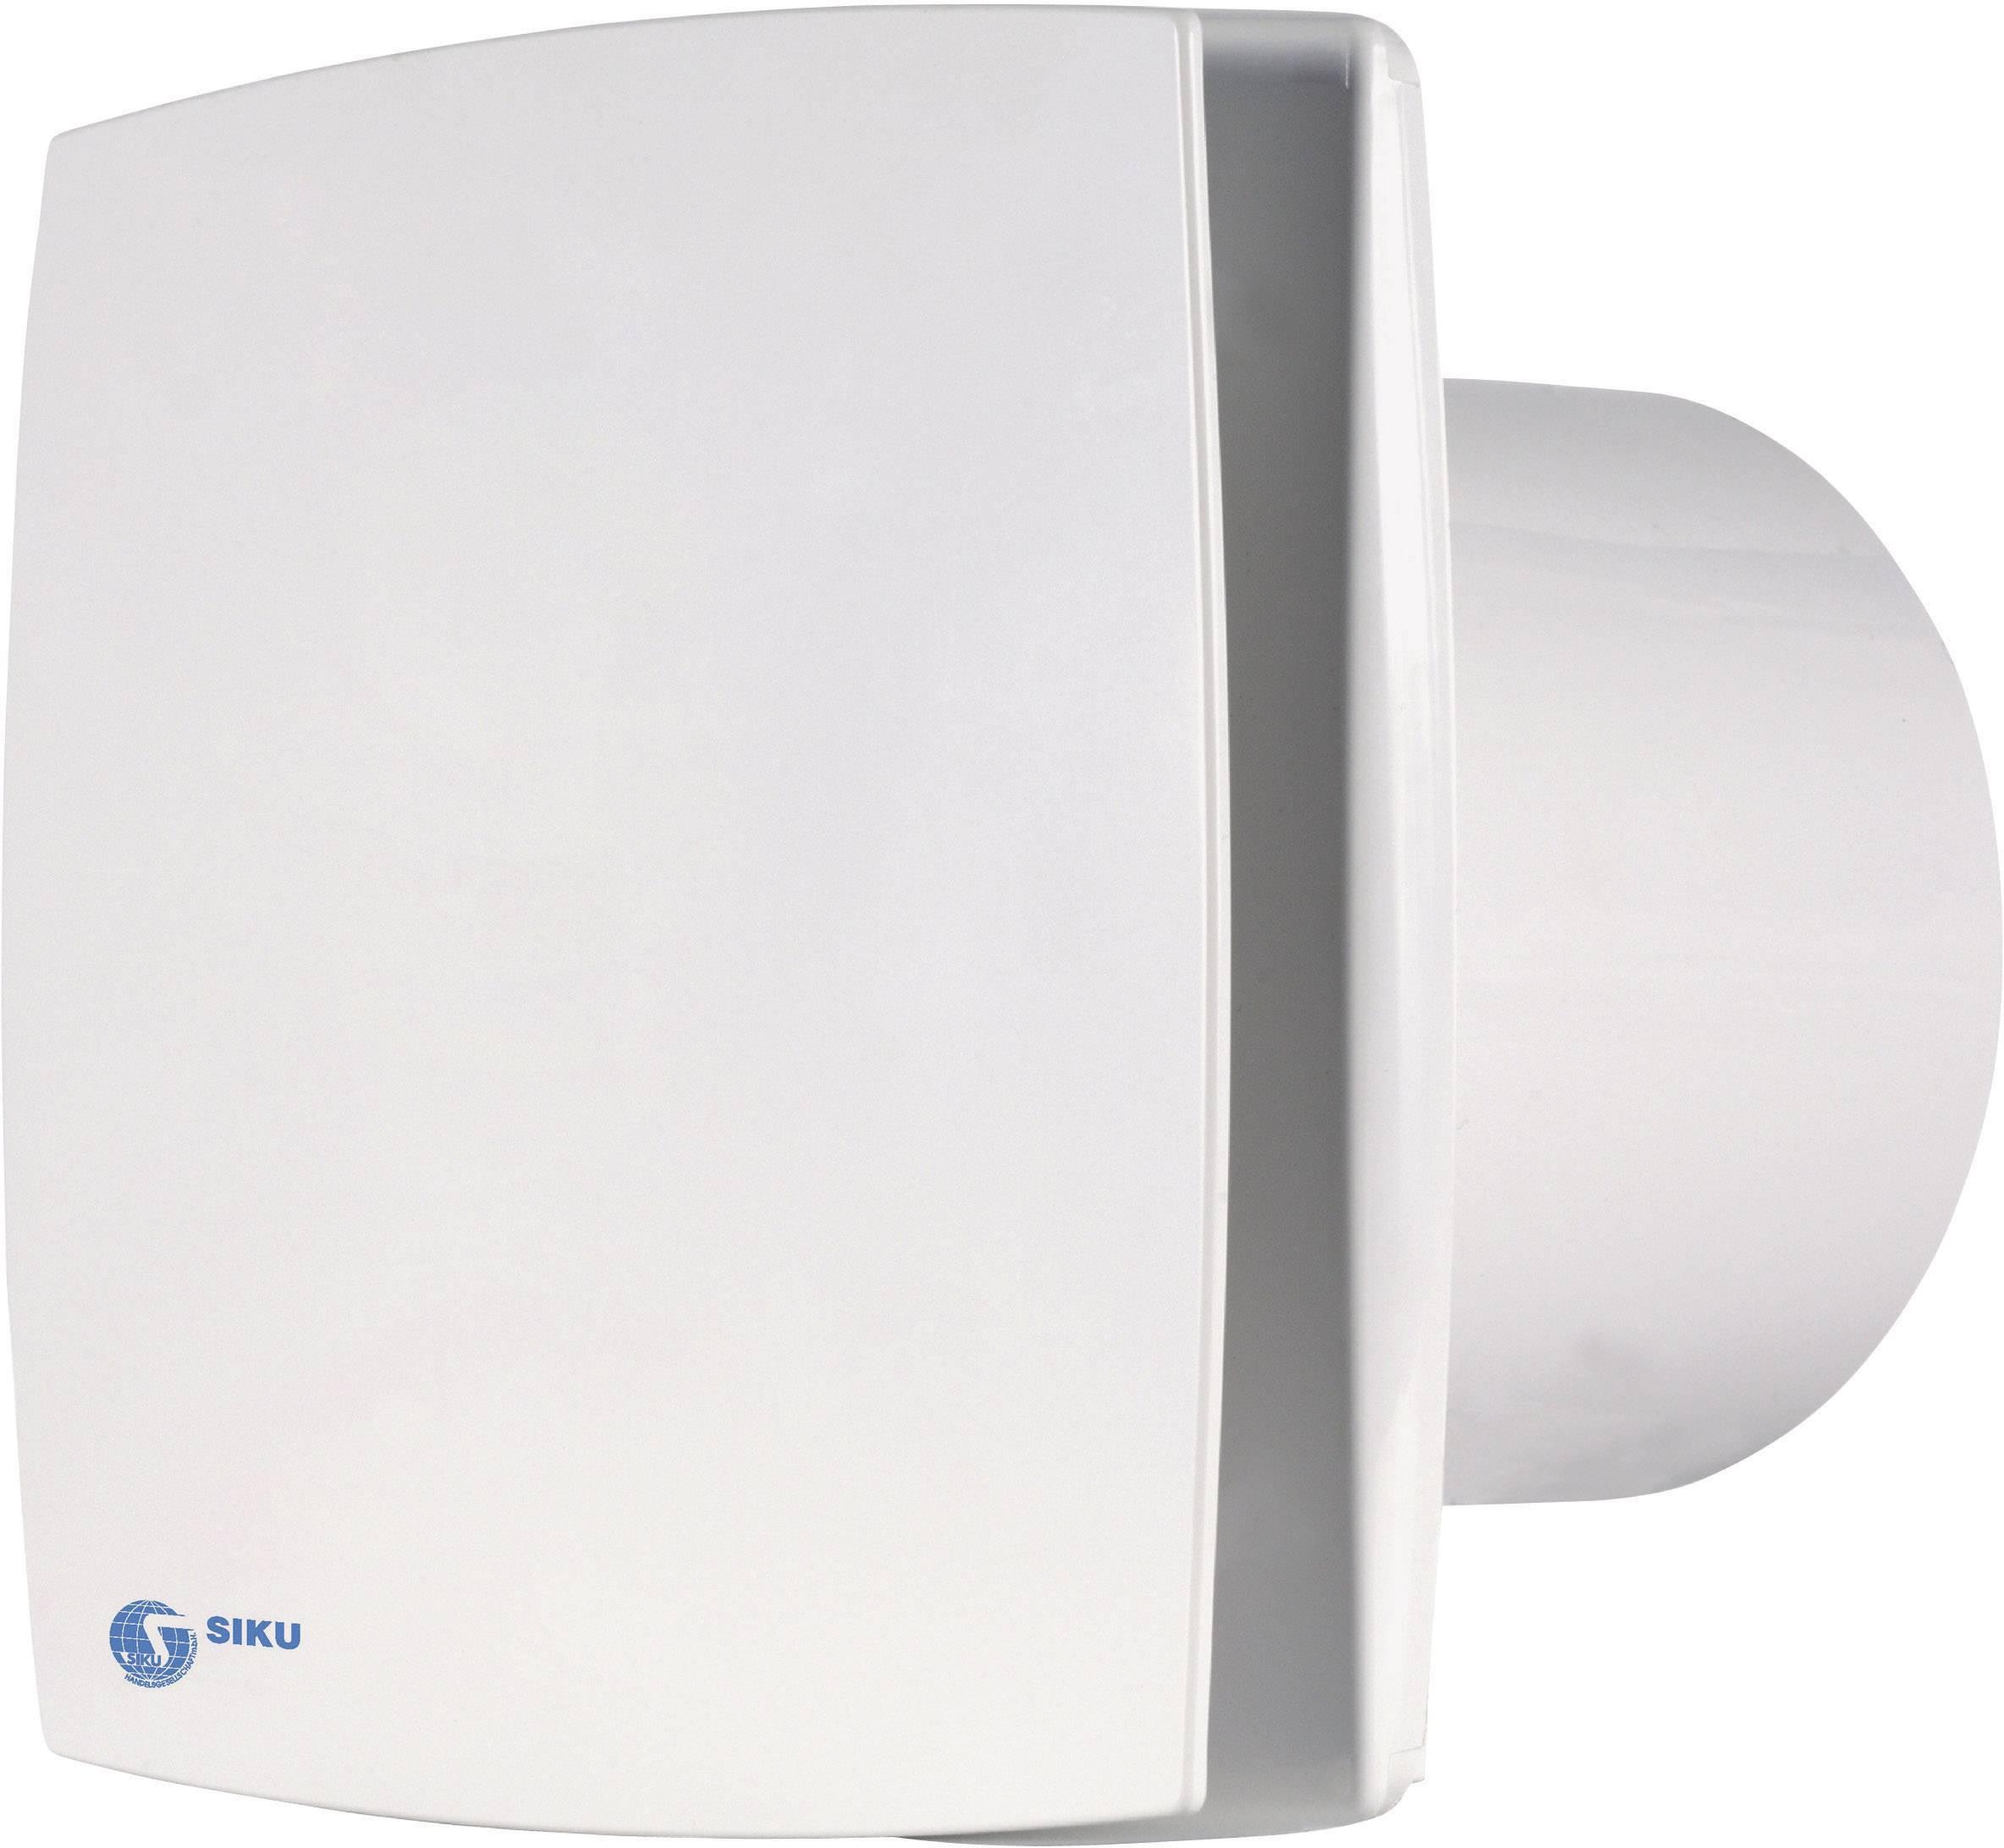 Vestavný ventilátor s časovačem Siku 100 LD, 30206, 230 V, 88 m3/h, 15 cm